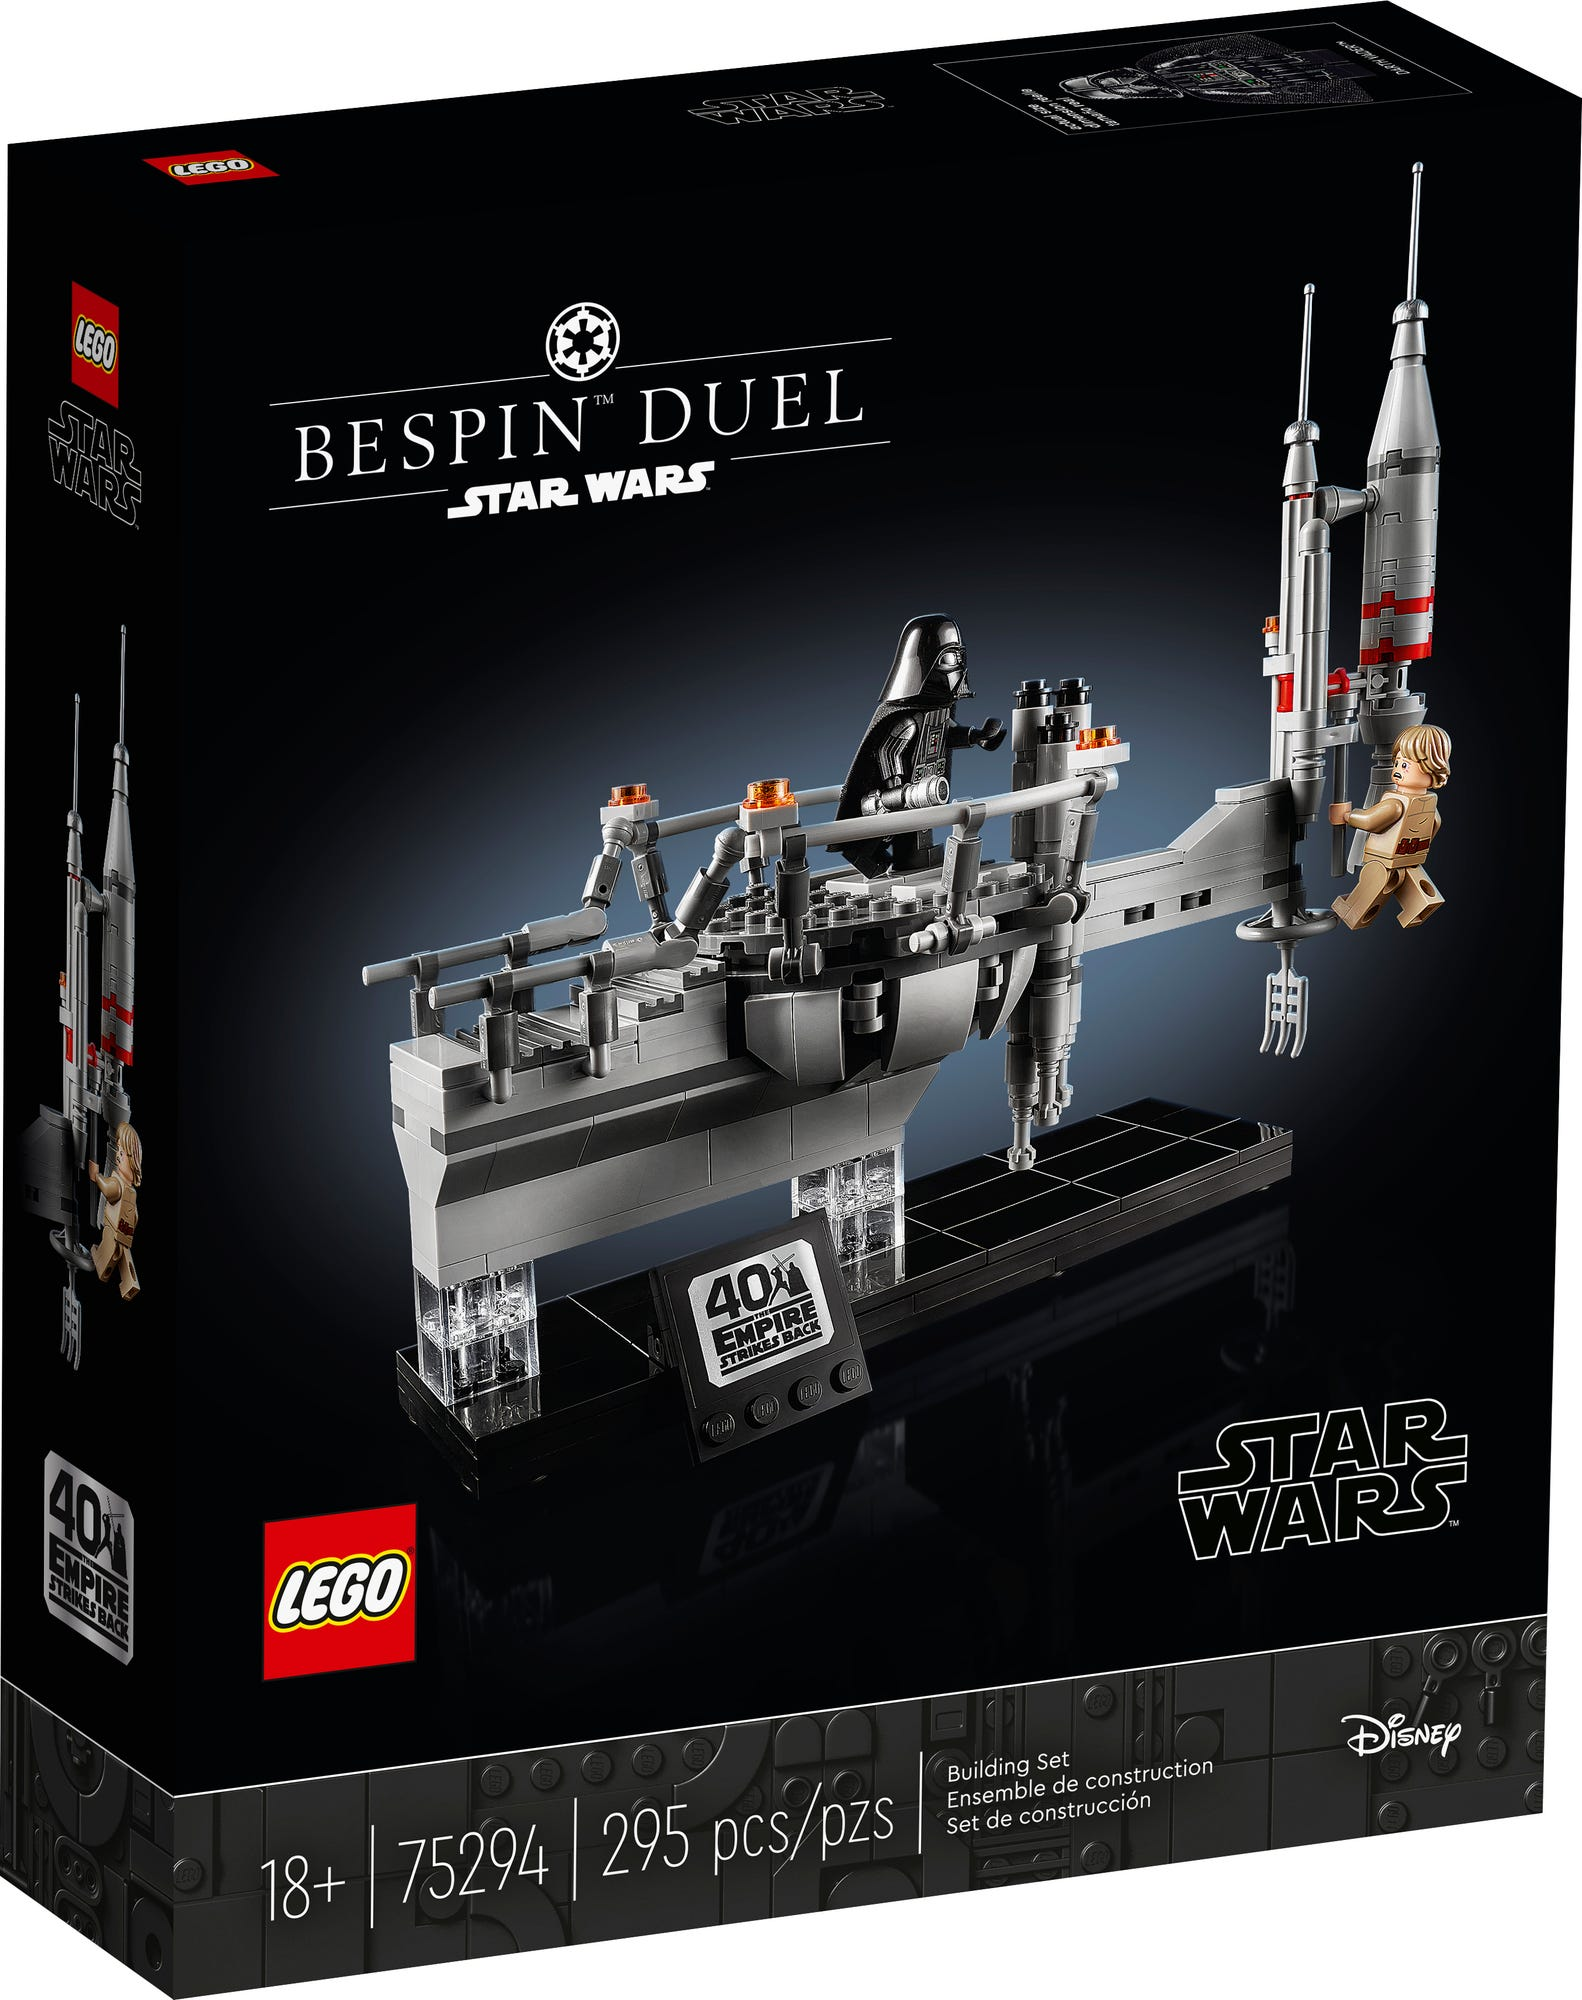 LEGO Star Wars 75294 Bespin Duel (Box Vorderseite)